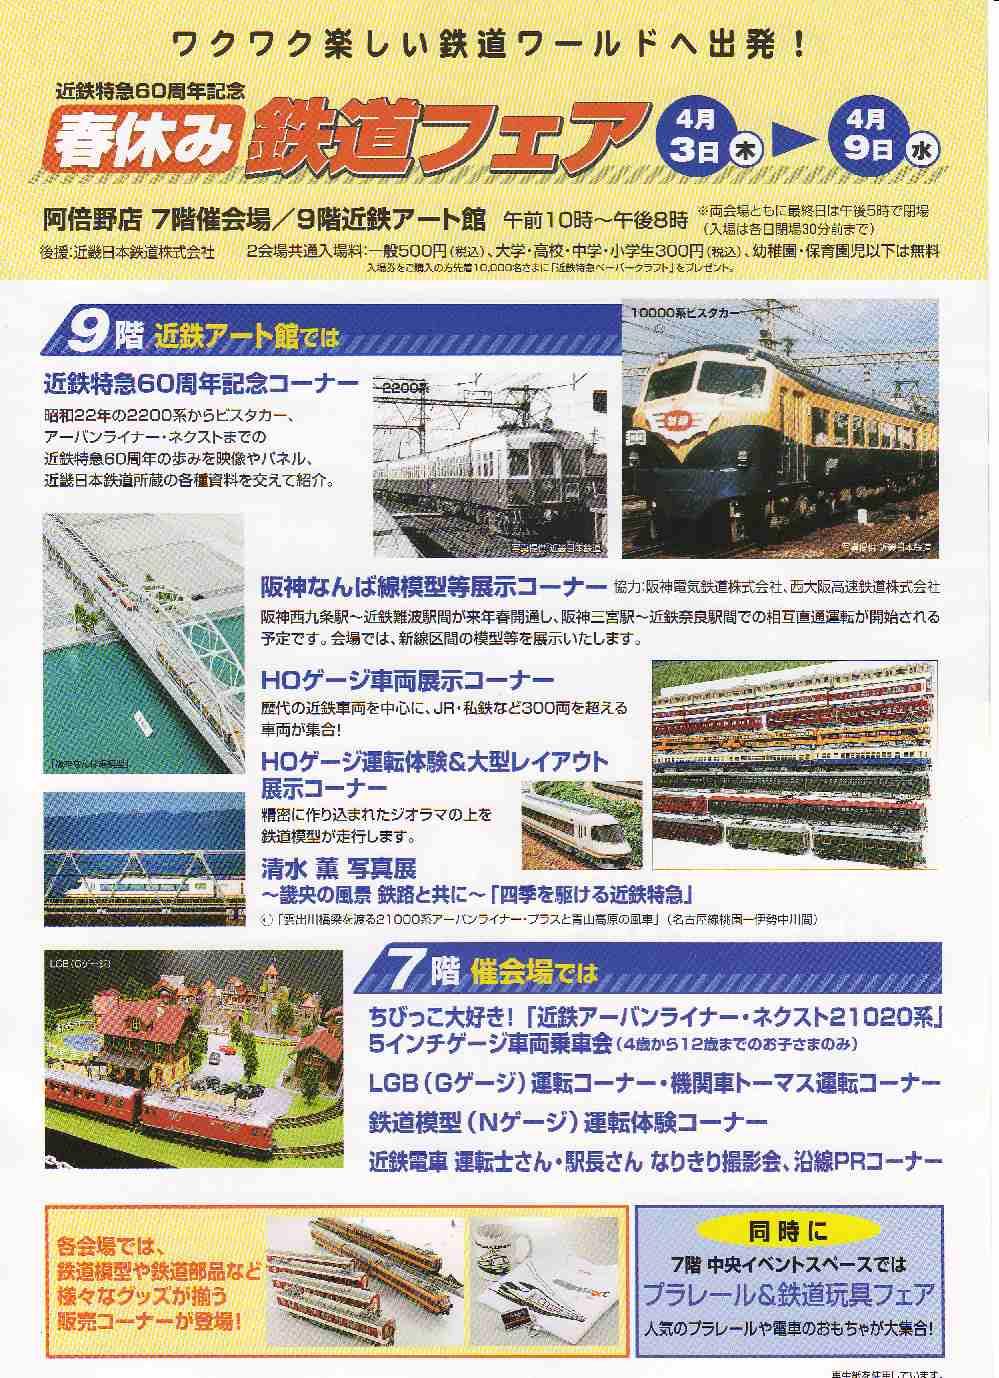 近鉄百貨店 春休み鉄道フェア_a0066027_141836.jpg